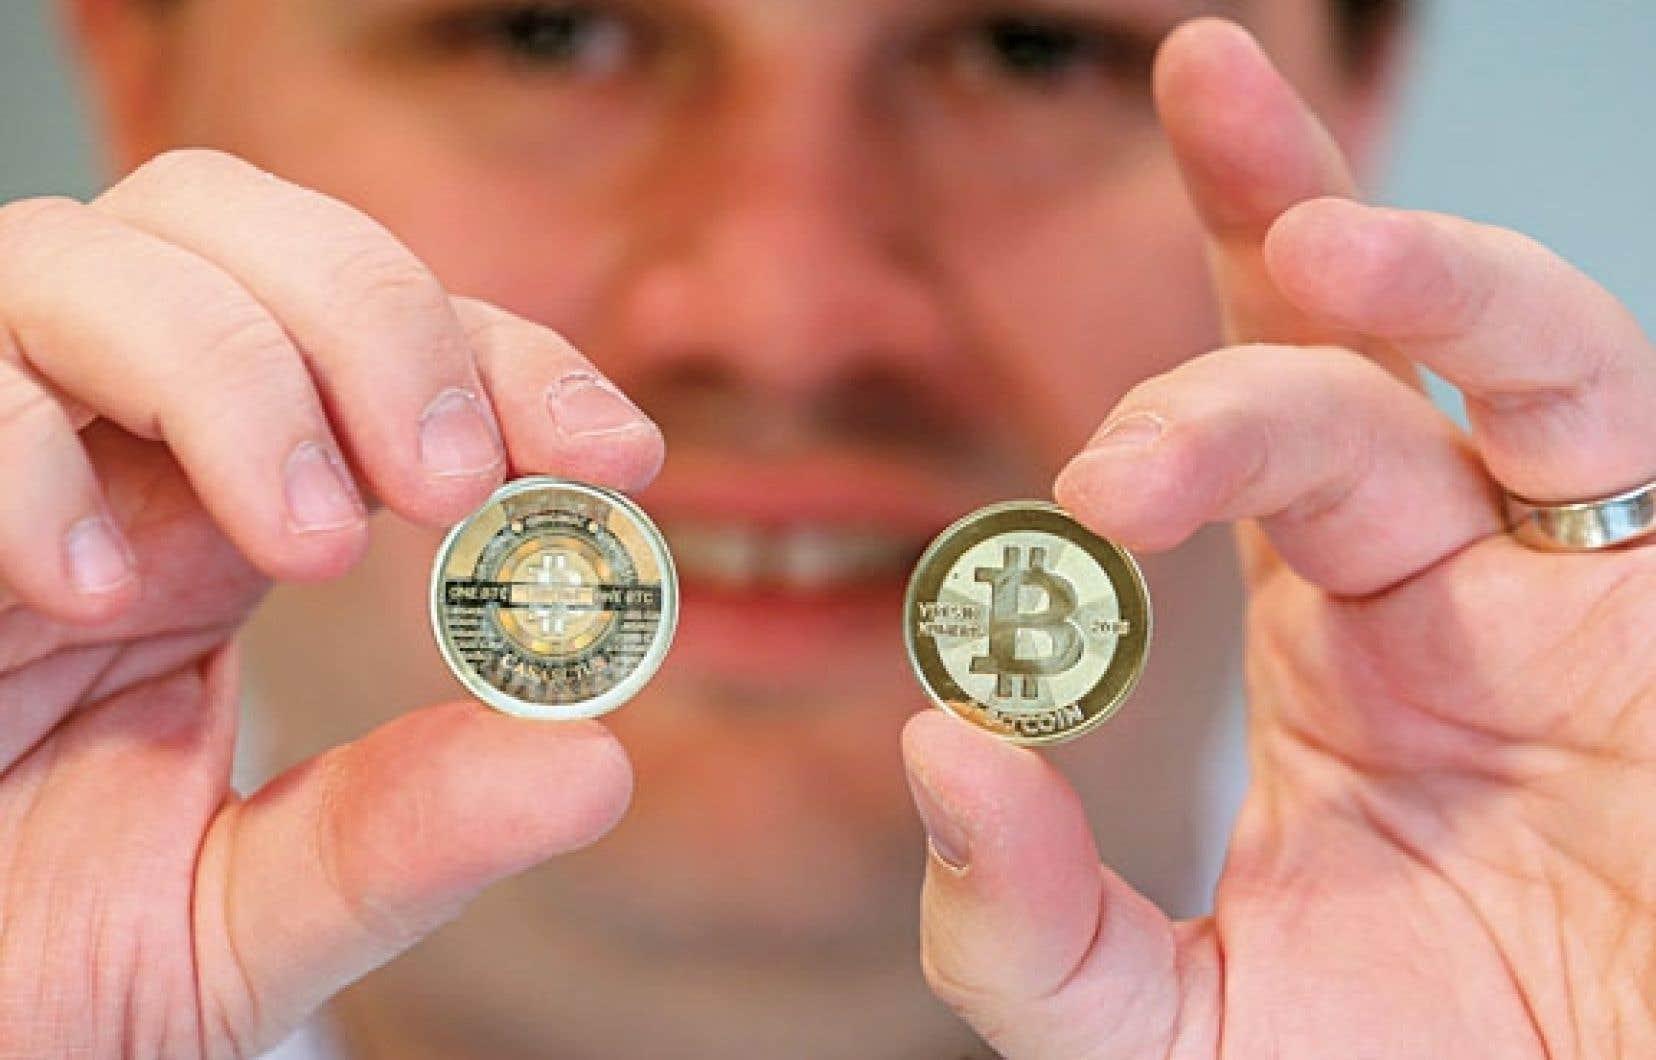 Le bitcoin peut être utilisé pour des achats, sans risque de manipulation par les banques centrales et sans frais bancaires.